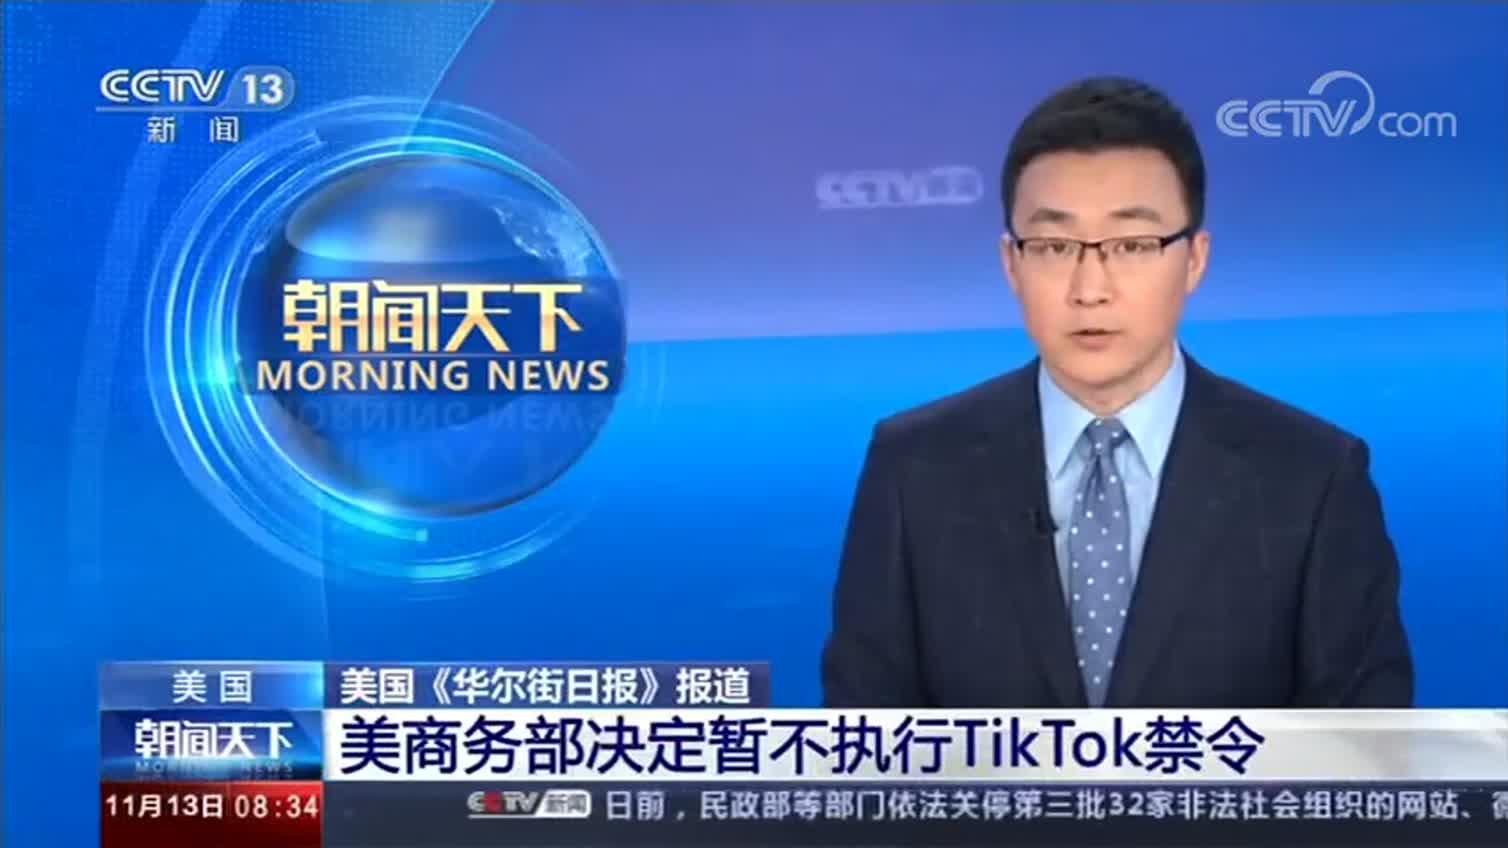 美国《华尔街日报》报道 美商务部决定暂不执行TikTok禁令